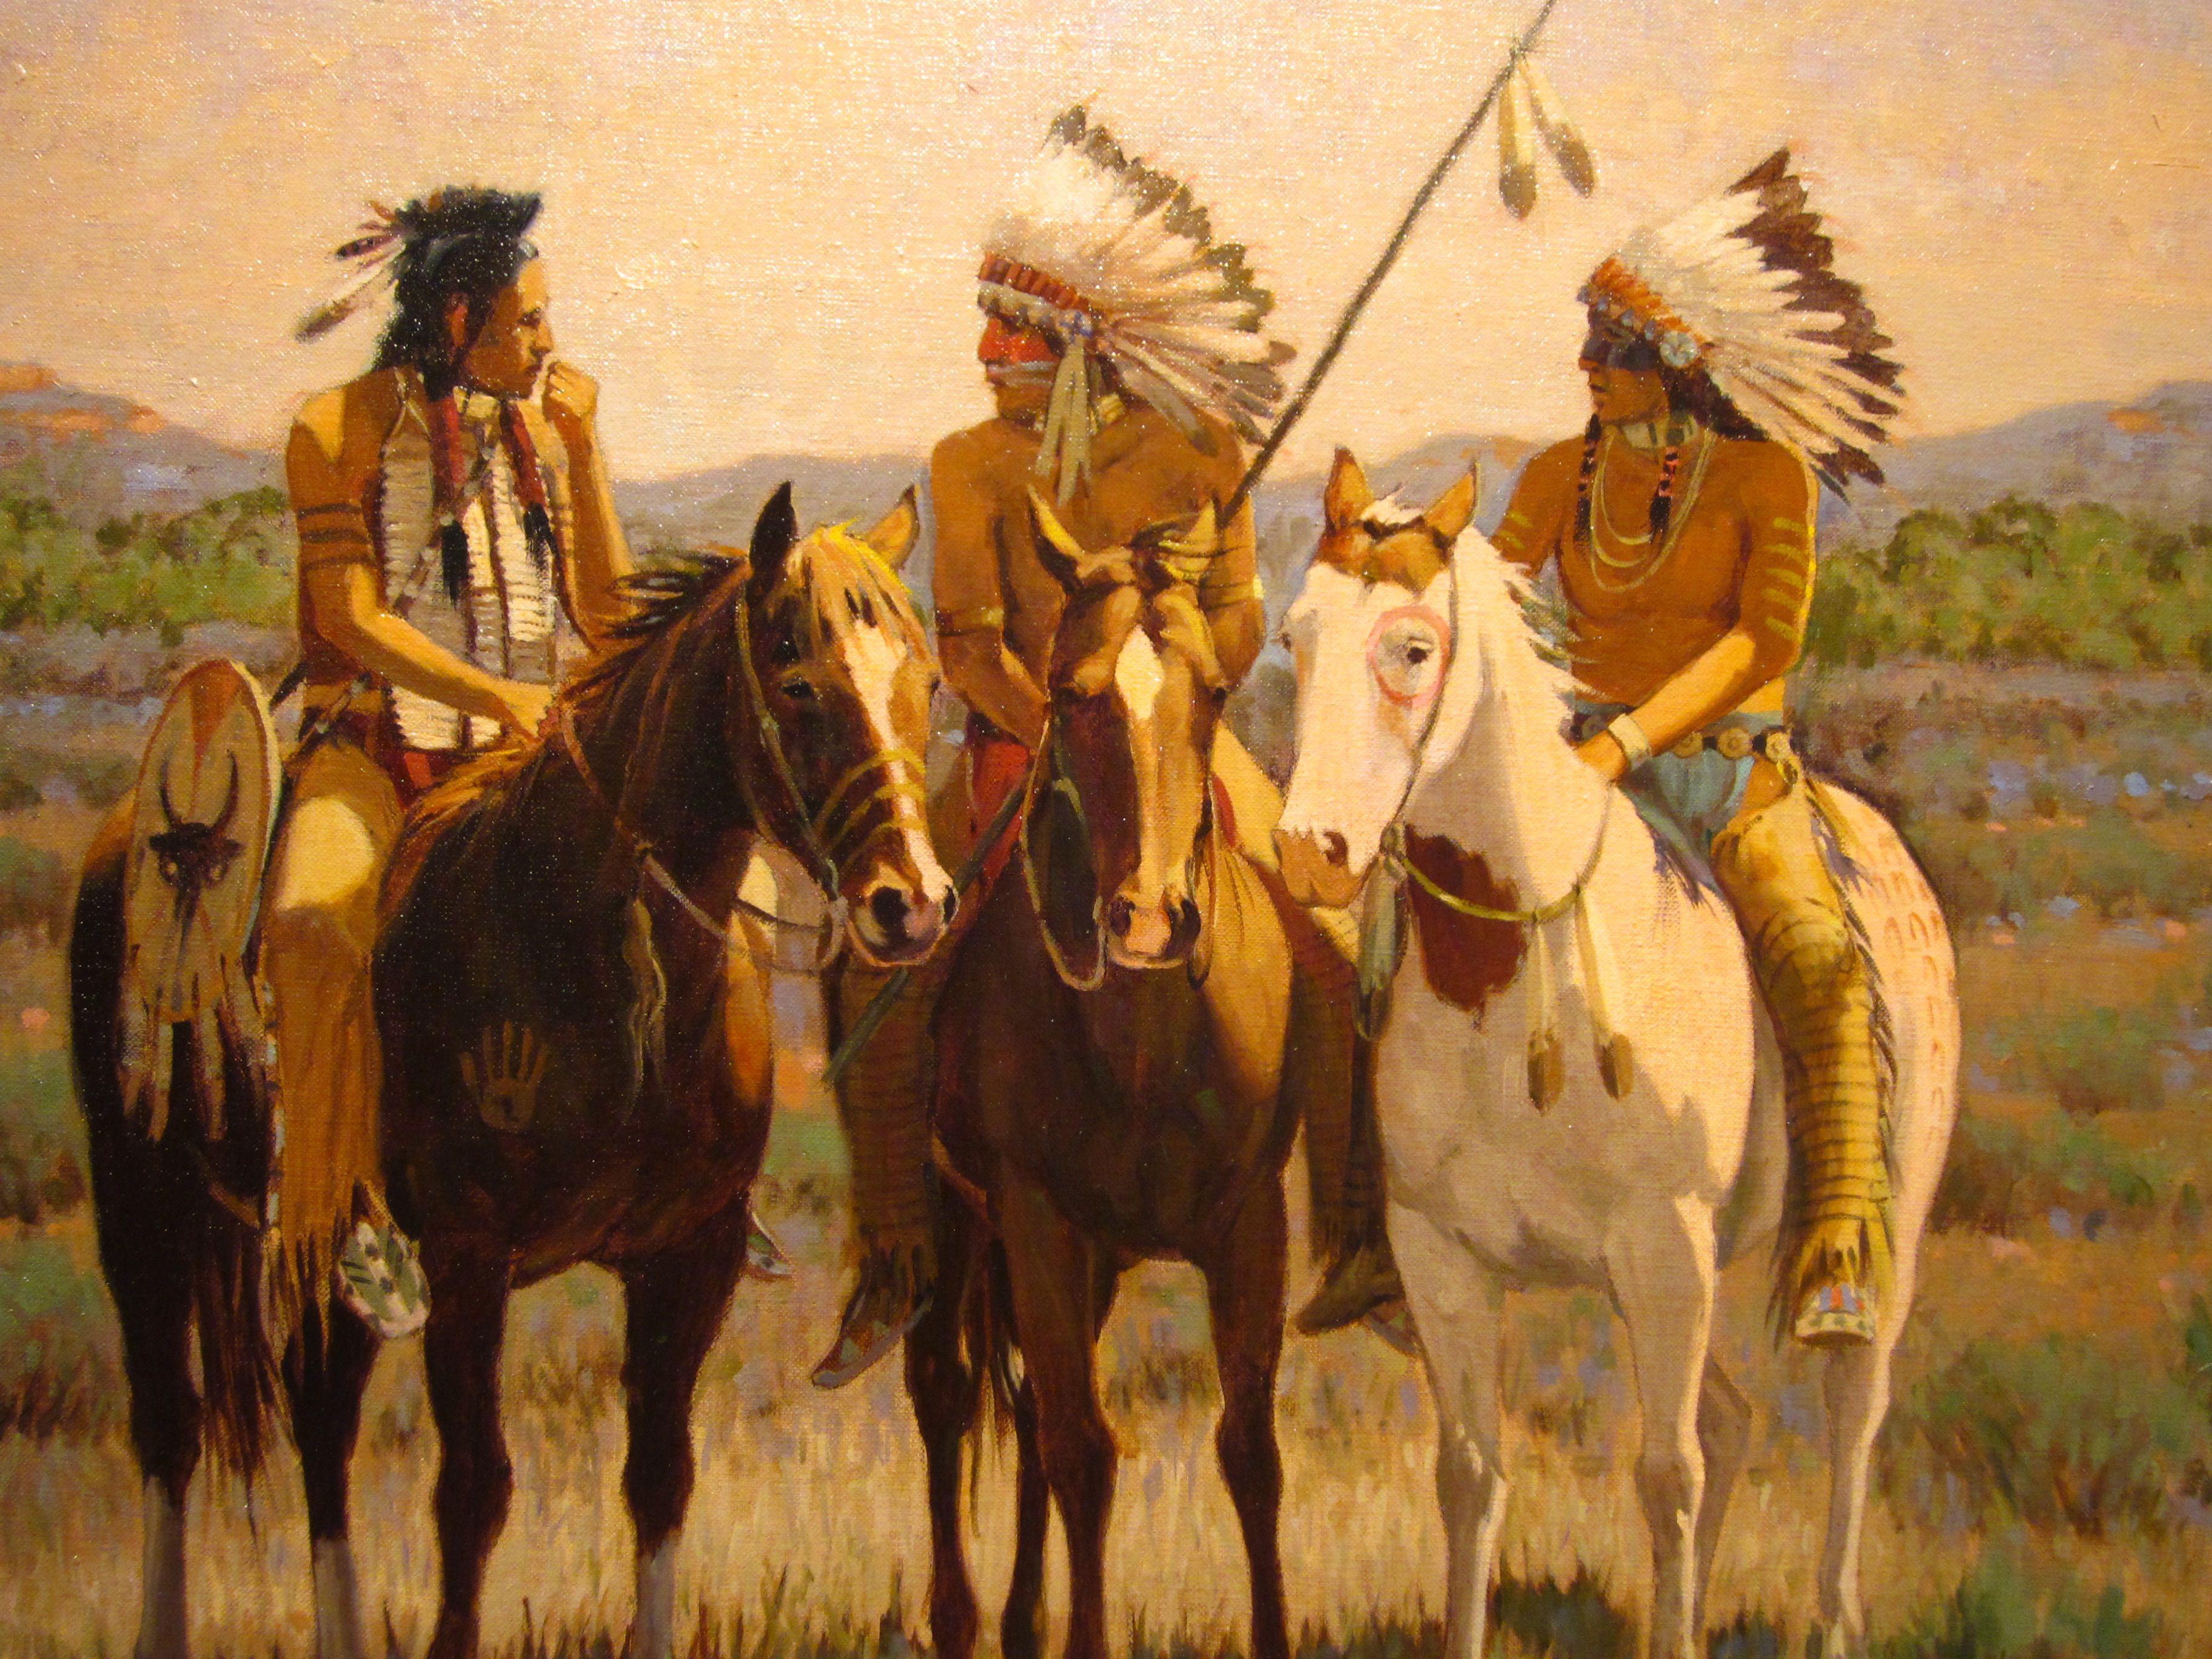 native american cultures essay